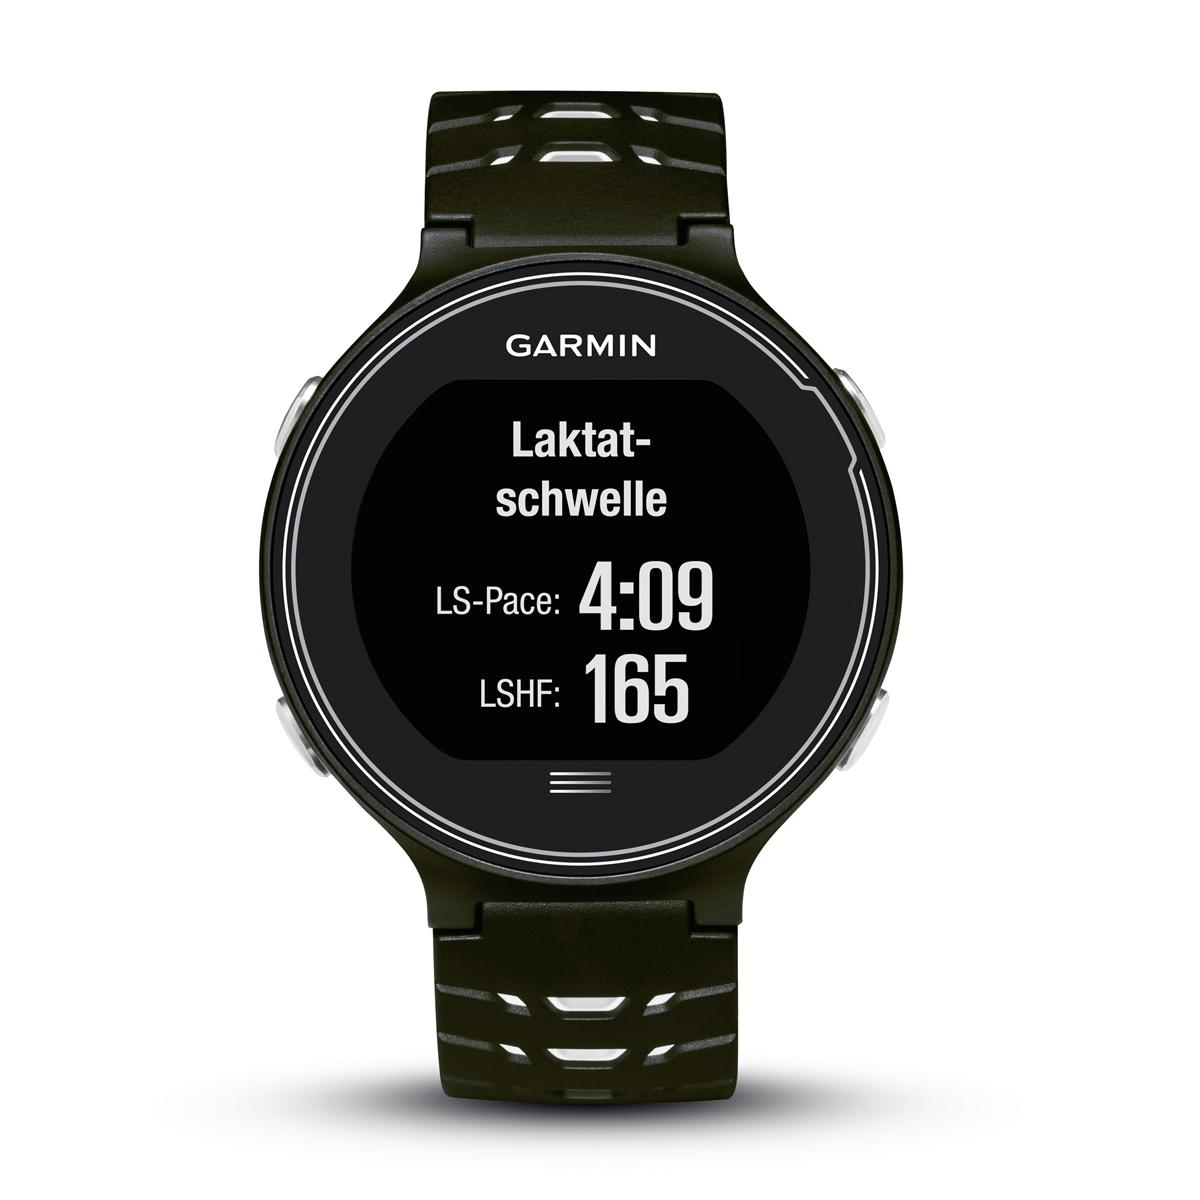 Спортивные часы Garmin Forerunner 630, цвет: черный. 010-03717-20KX-TG2512RUNСмарт-часыGPSс расширенными беговыми даннымиМониторинг: Физической активности;Калорий;СнаДатчики: GPS- трекер;Счетчик калорийОсобенности: Влагозащищенный;Оповещения со смартфона;Часы;Водонепроницаемый;Умный тренер (Smart Coach )Совместимое ОС: GARMINМатериал корпуса: ПластикМатериал ремешка/браслета: ПластикДлина ремешка: 16 см Время работы: 4 неделиИнтерфейс: BluetoothМетод зарядки: microUSB 2.0Вид аккумулятора: Li-ionЕмкость аккумулятора: 300 mA